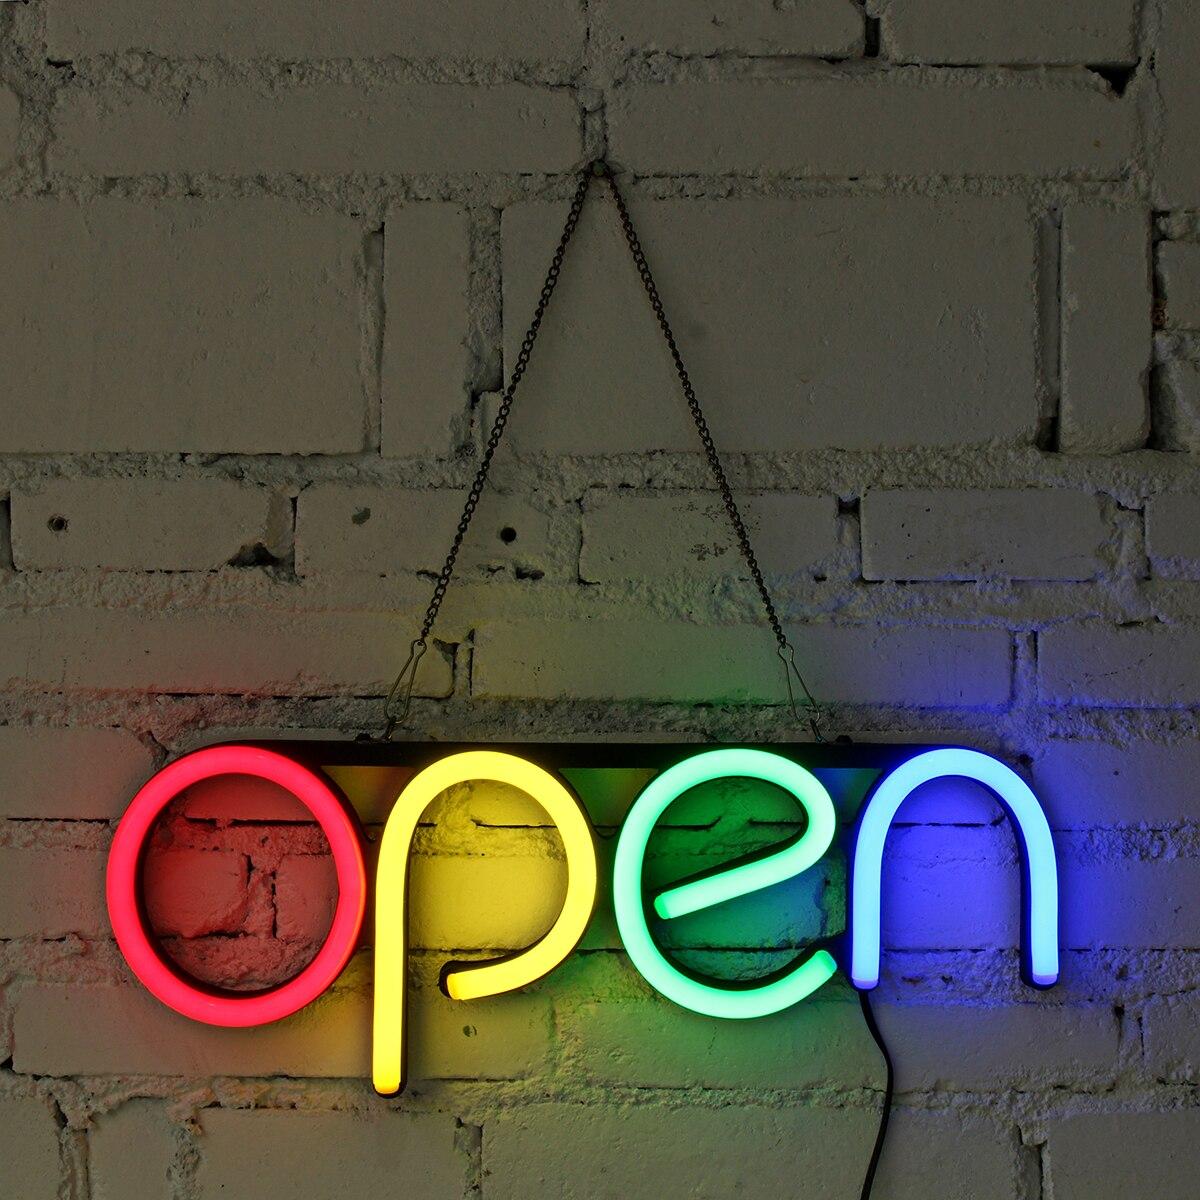 16 ''เปิดป้ายนีออน LED Light Handmade ภาพงานศิลปะบาร์คลับ KTV ผนังตกแต่งโคมไฟพาณิชย์นีออนที่มีสีสันหลอดไฟ